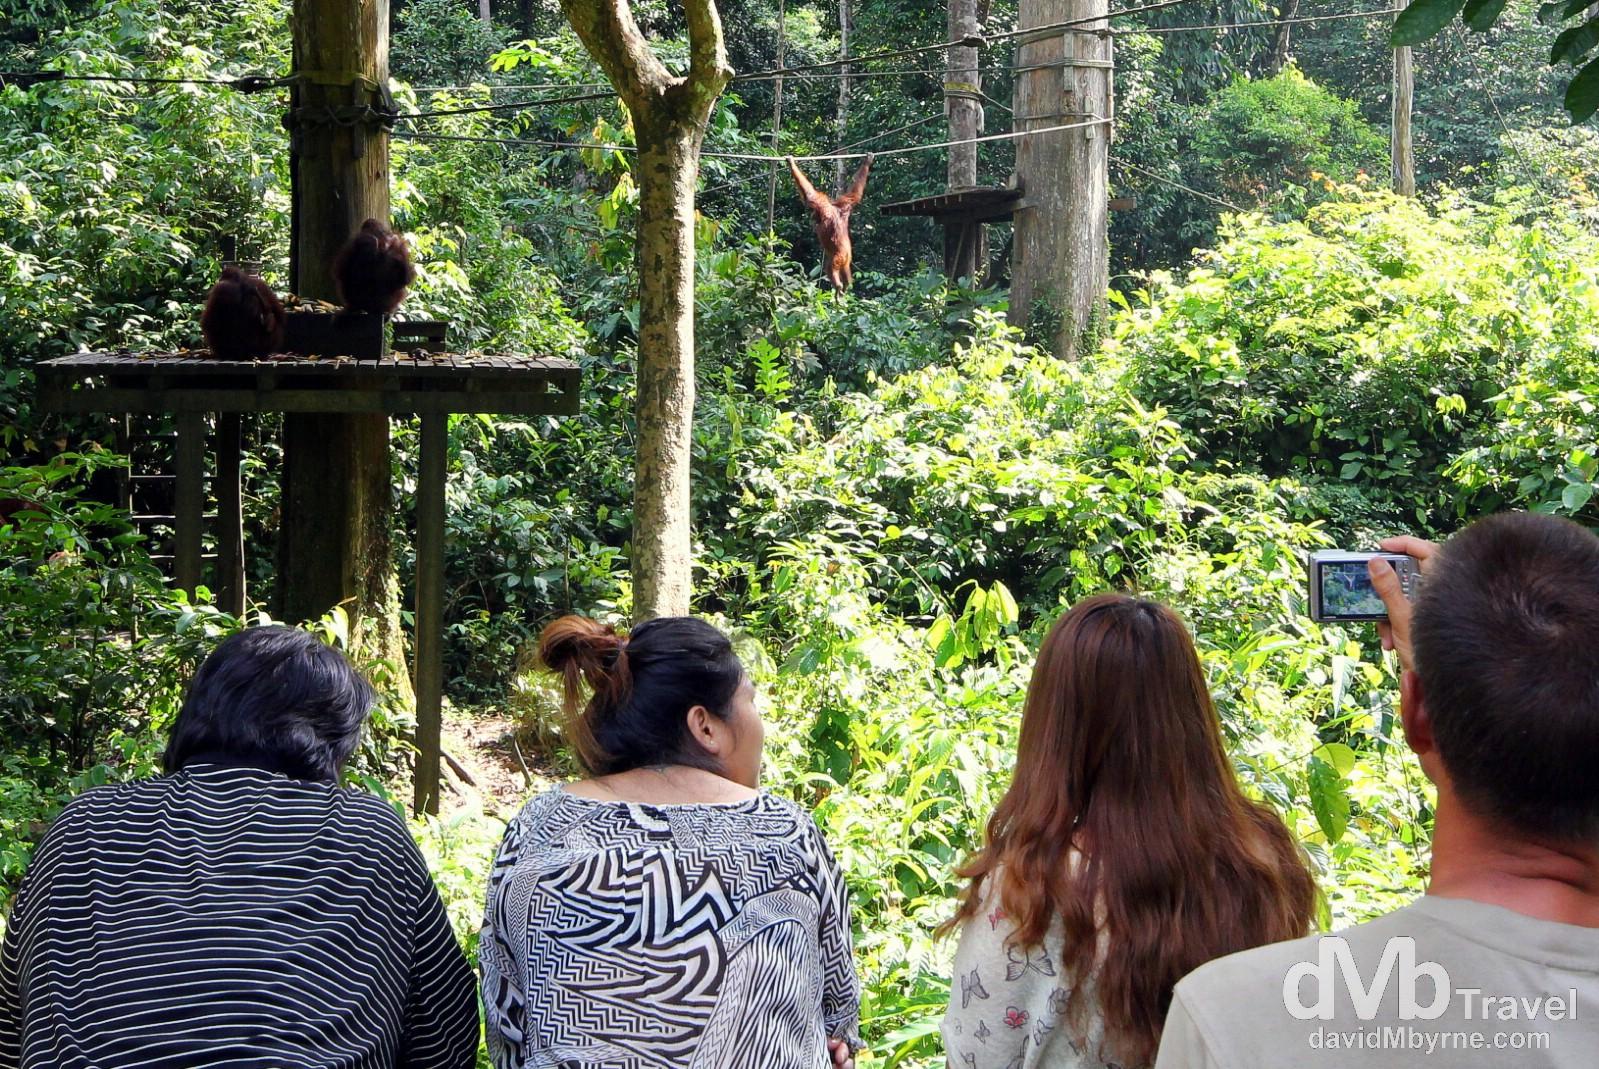 The viewing deck at the Sepilok Orangutan Rehabilitation Centre, Sabah, Malaysian Borneo. June 26th 2012.